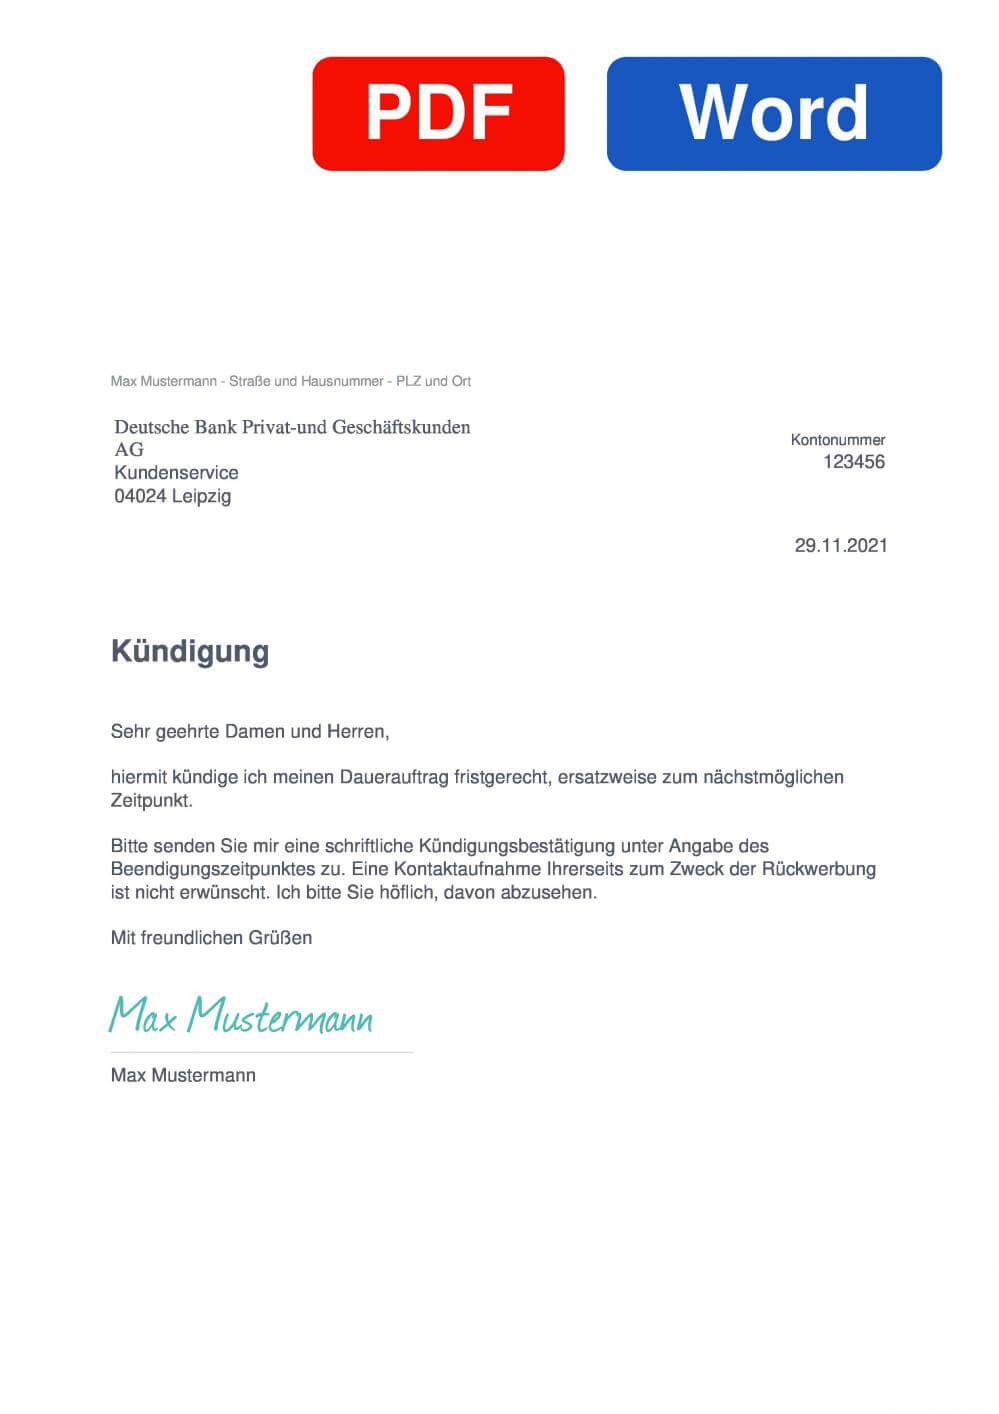 Deutsche Bank Dauerauftrag Muster Vorlage für Kündigungsschreiben